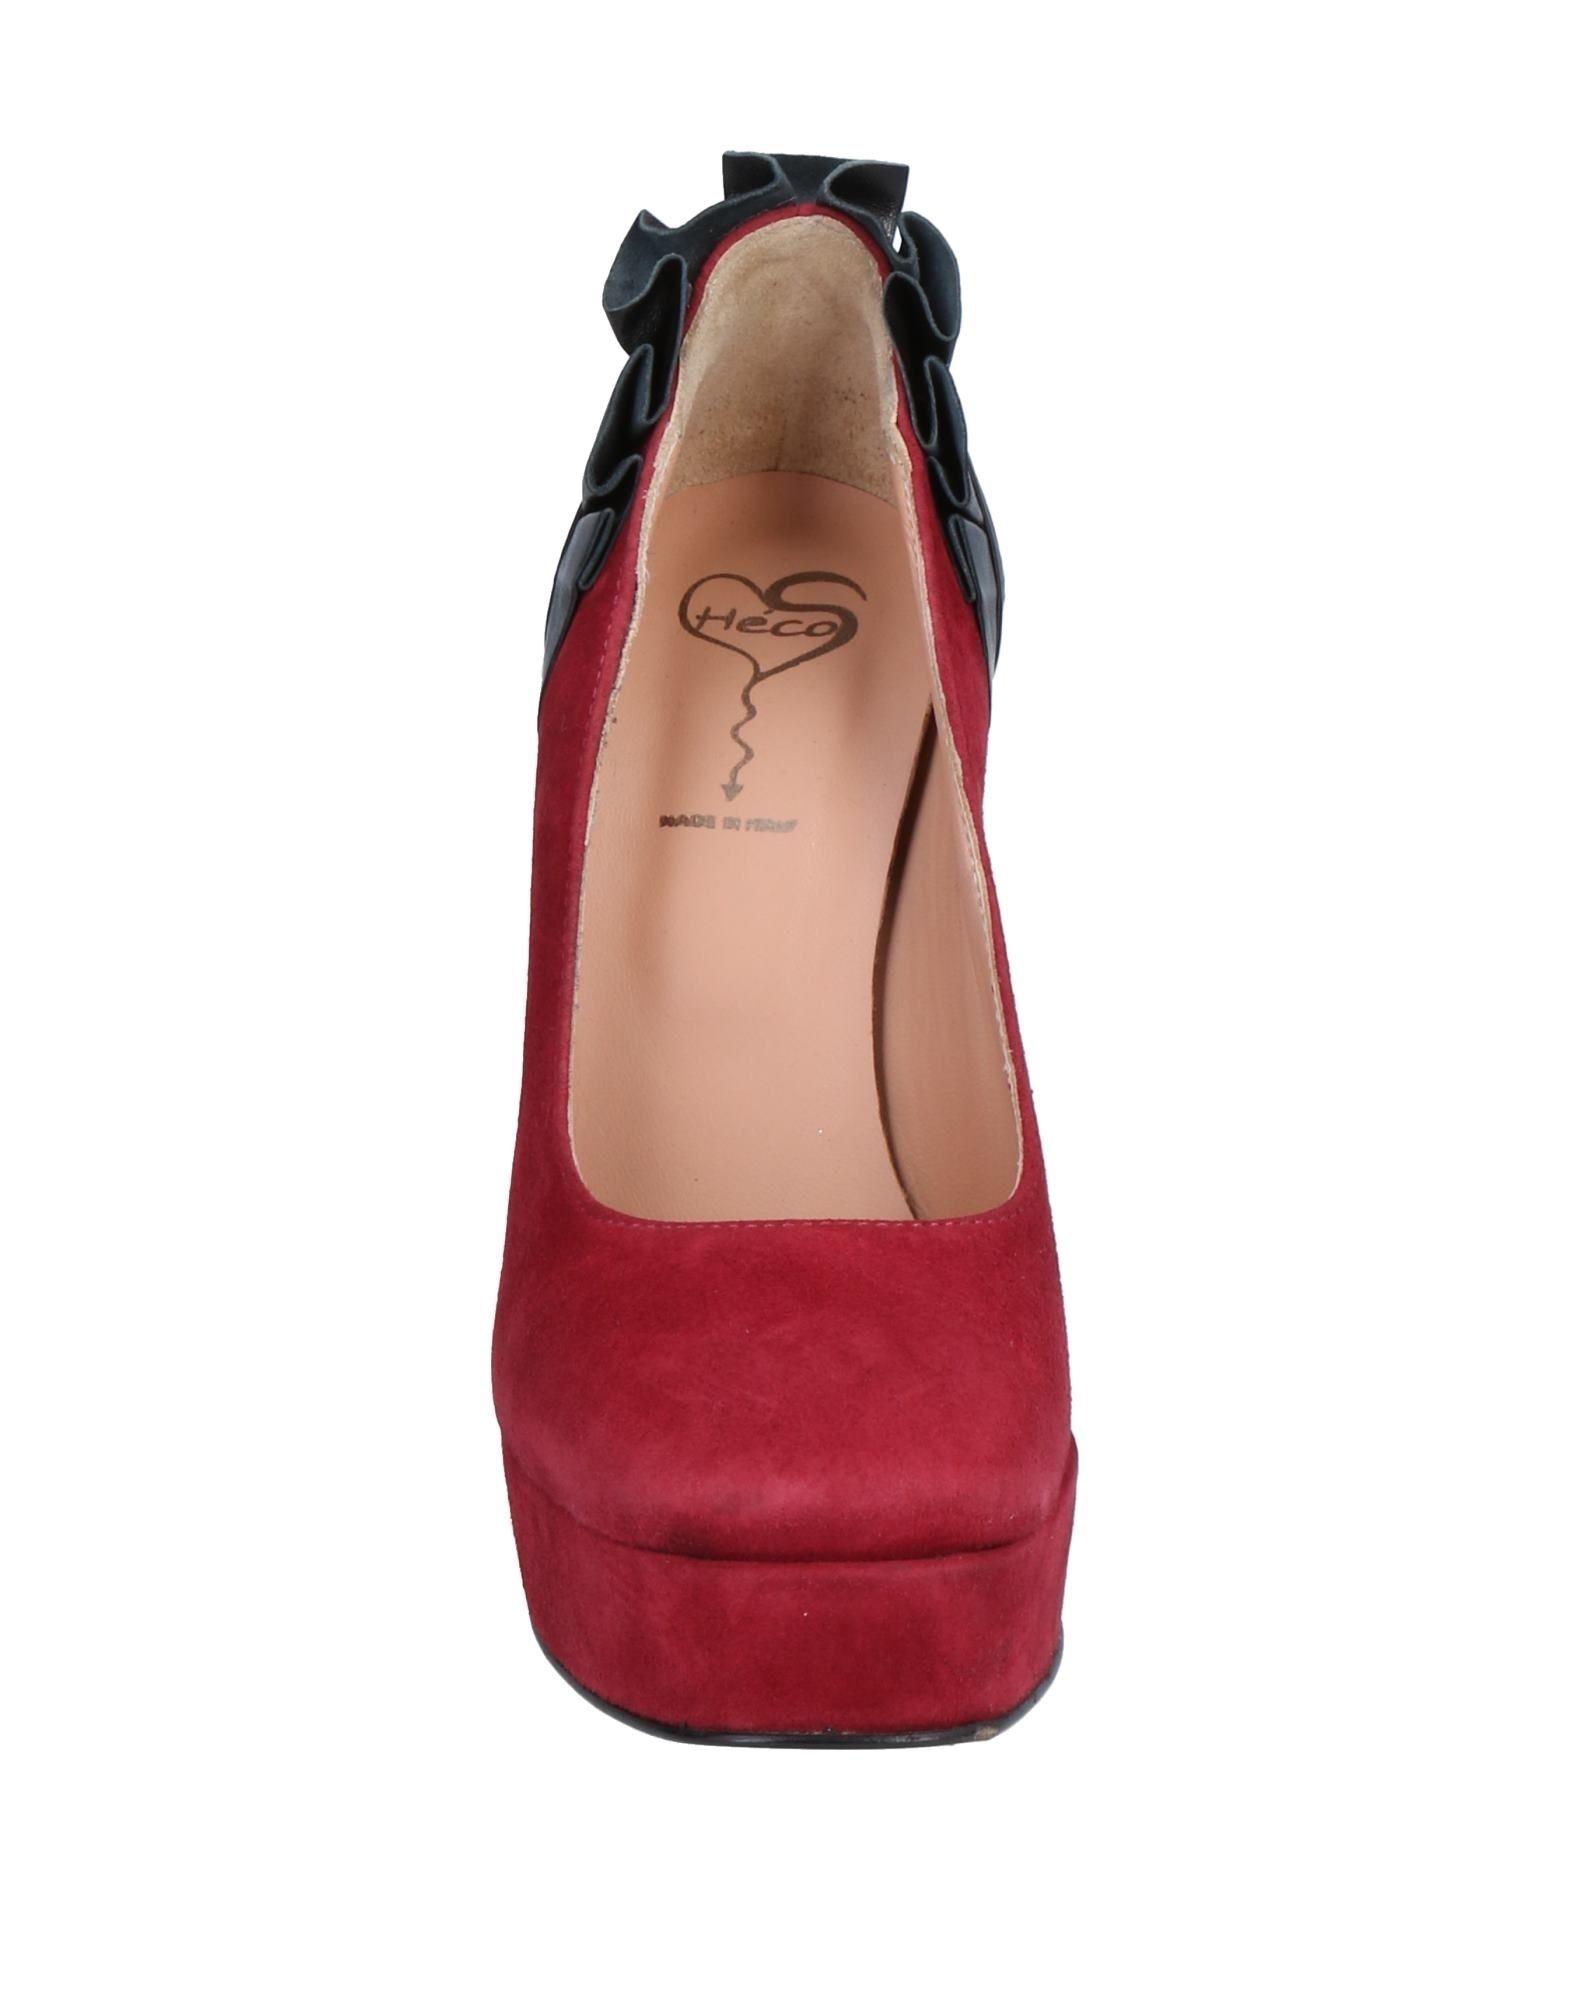 Stilvolle billige Schuhe Damen Hécos Pumps Damen Schuhe  11515193PT 3a8f88